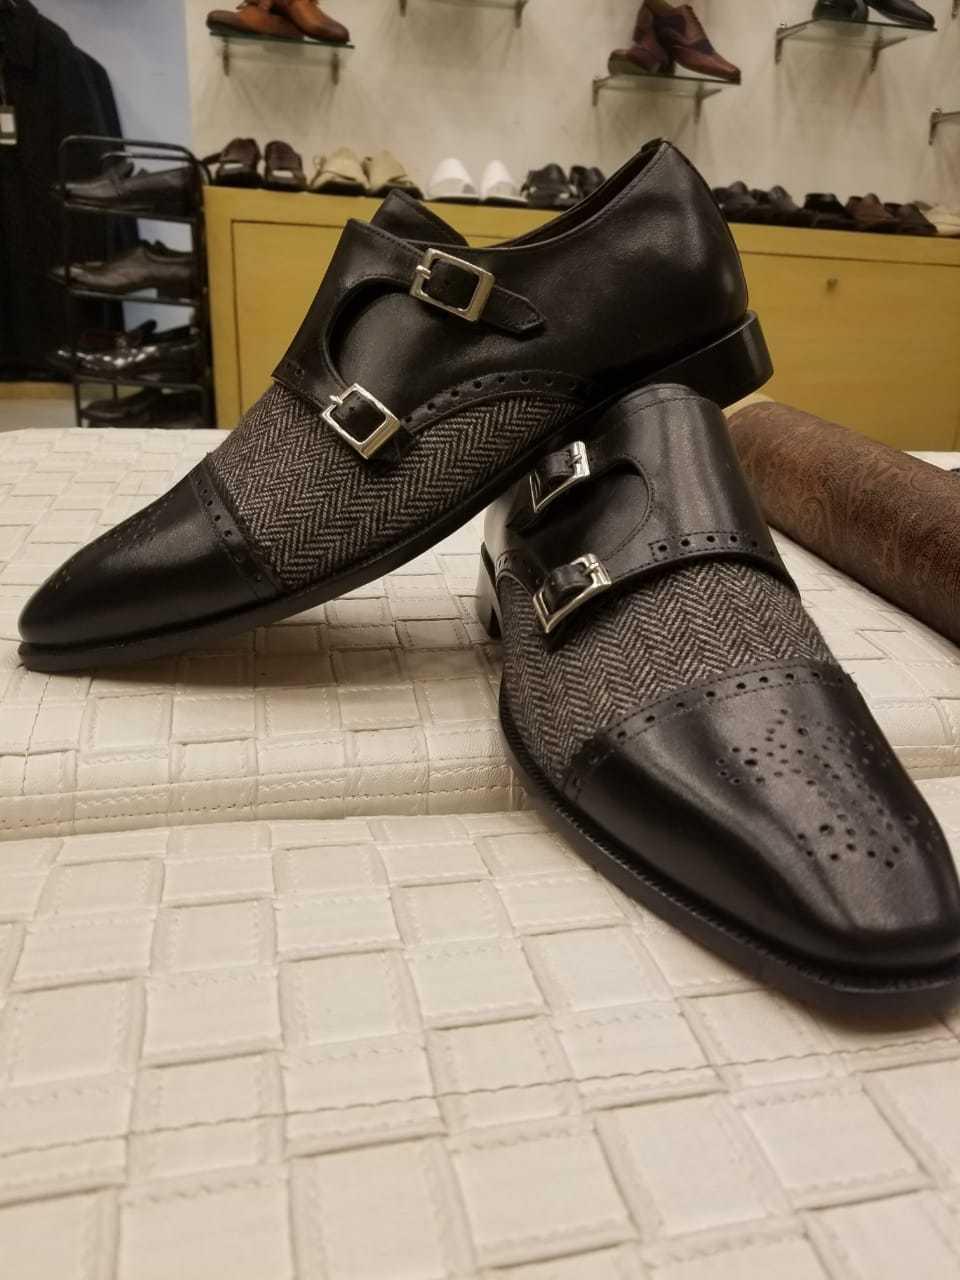 Homme Fait à la main Chaussures biCouleures moine sangles CUIR VEAU & LAINE   TISSU Bottes